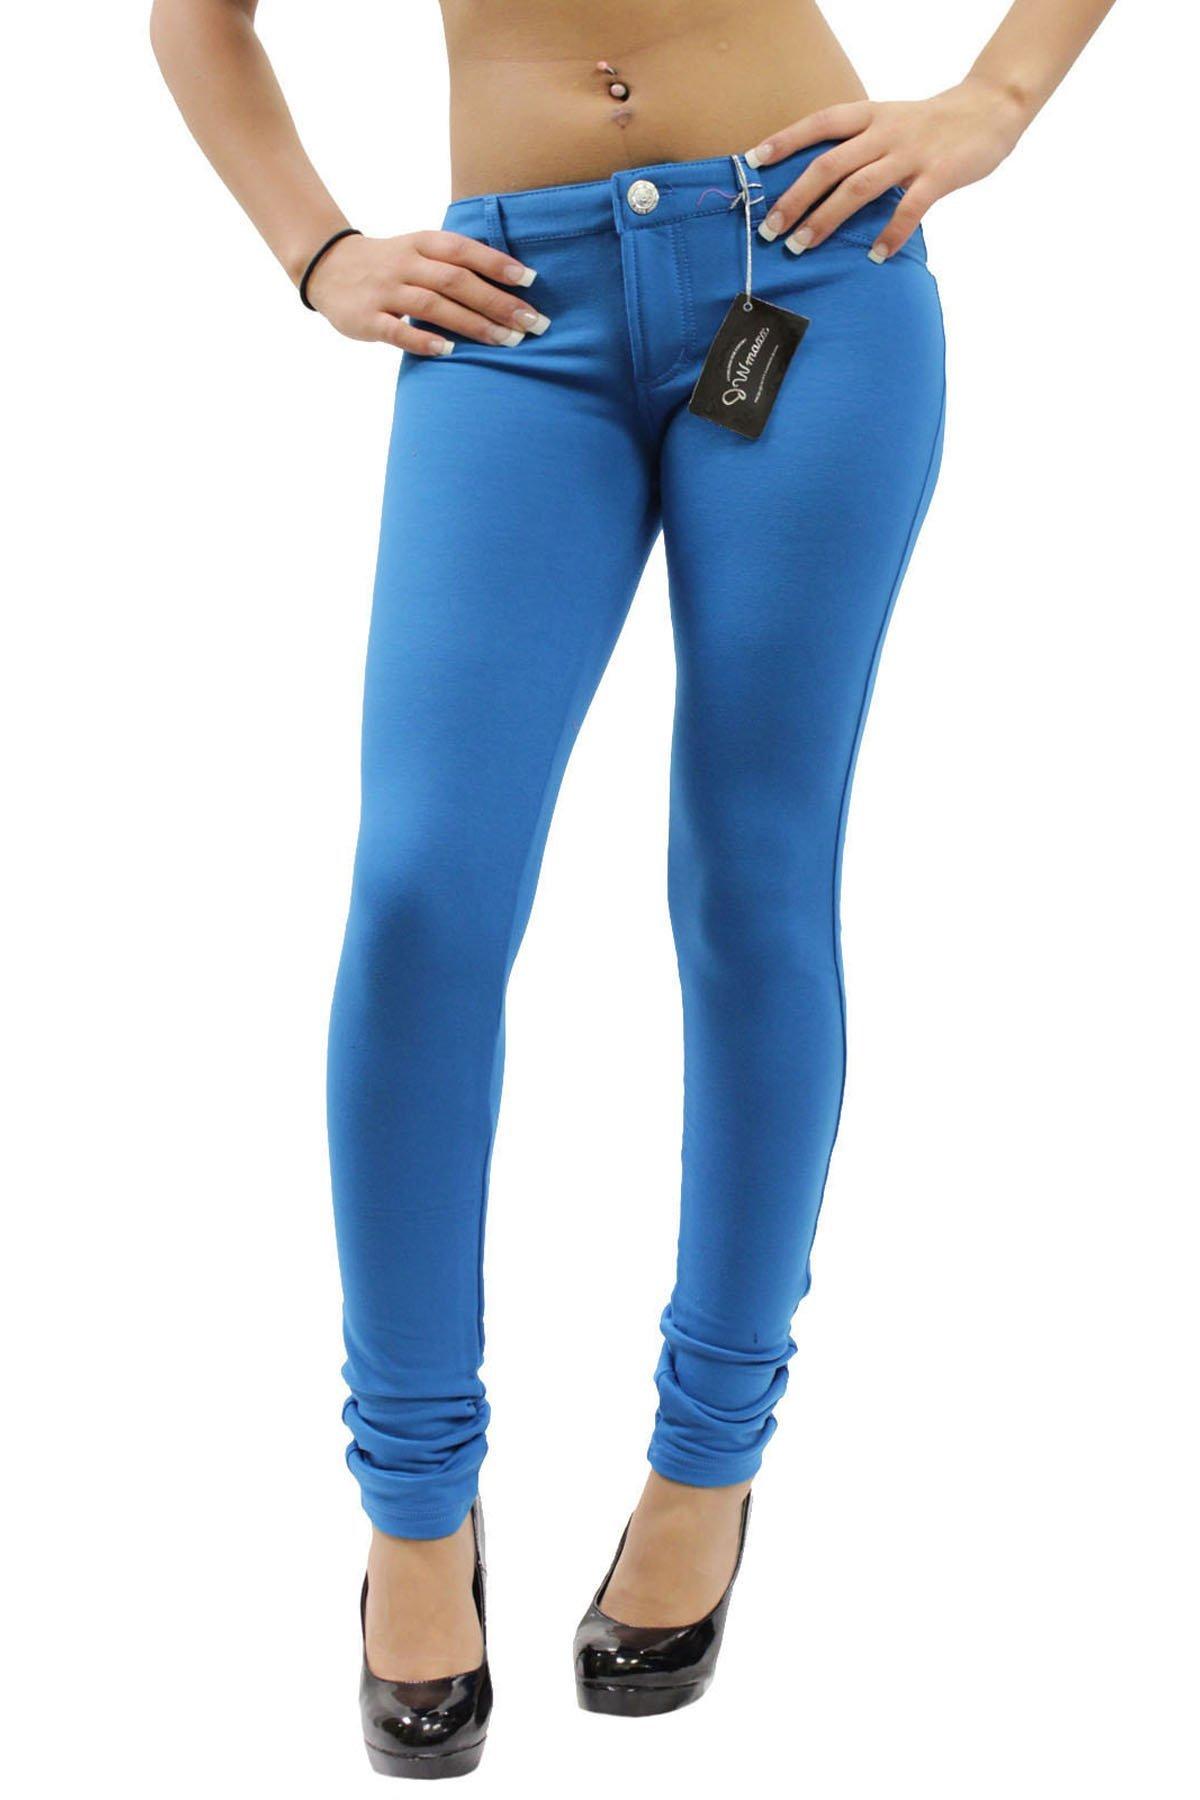 SIZE 8-12 NEW 3D BLUE SKINNY STRETCH DENIM FULL LENGTH LEGGINGS UK SELLER